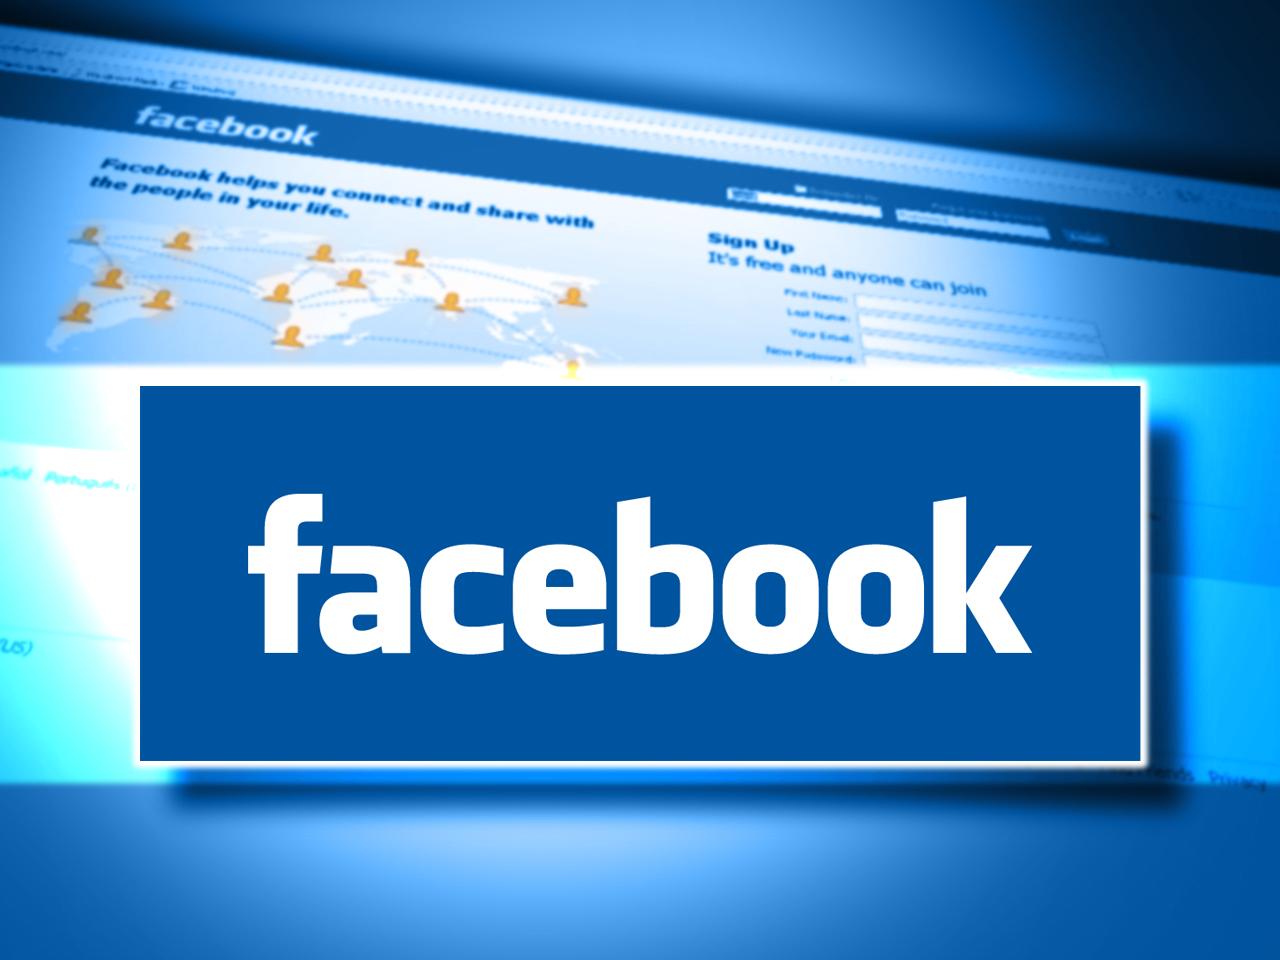 صوره كيف اعمل فيس بوك , طريقة انشاء حساب علي فيس بوك